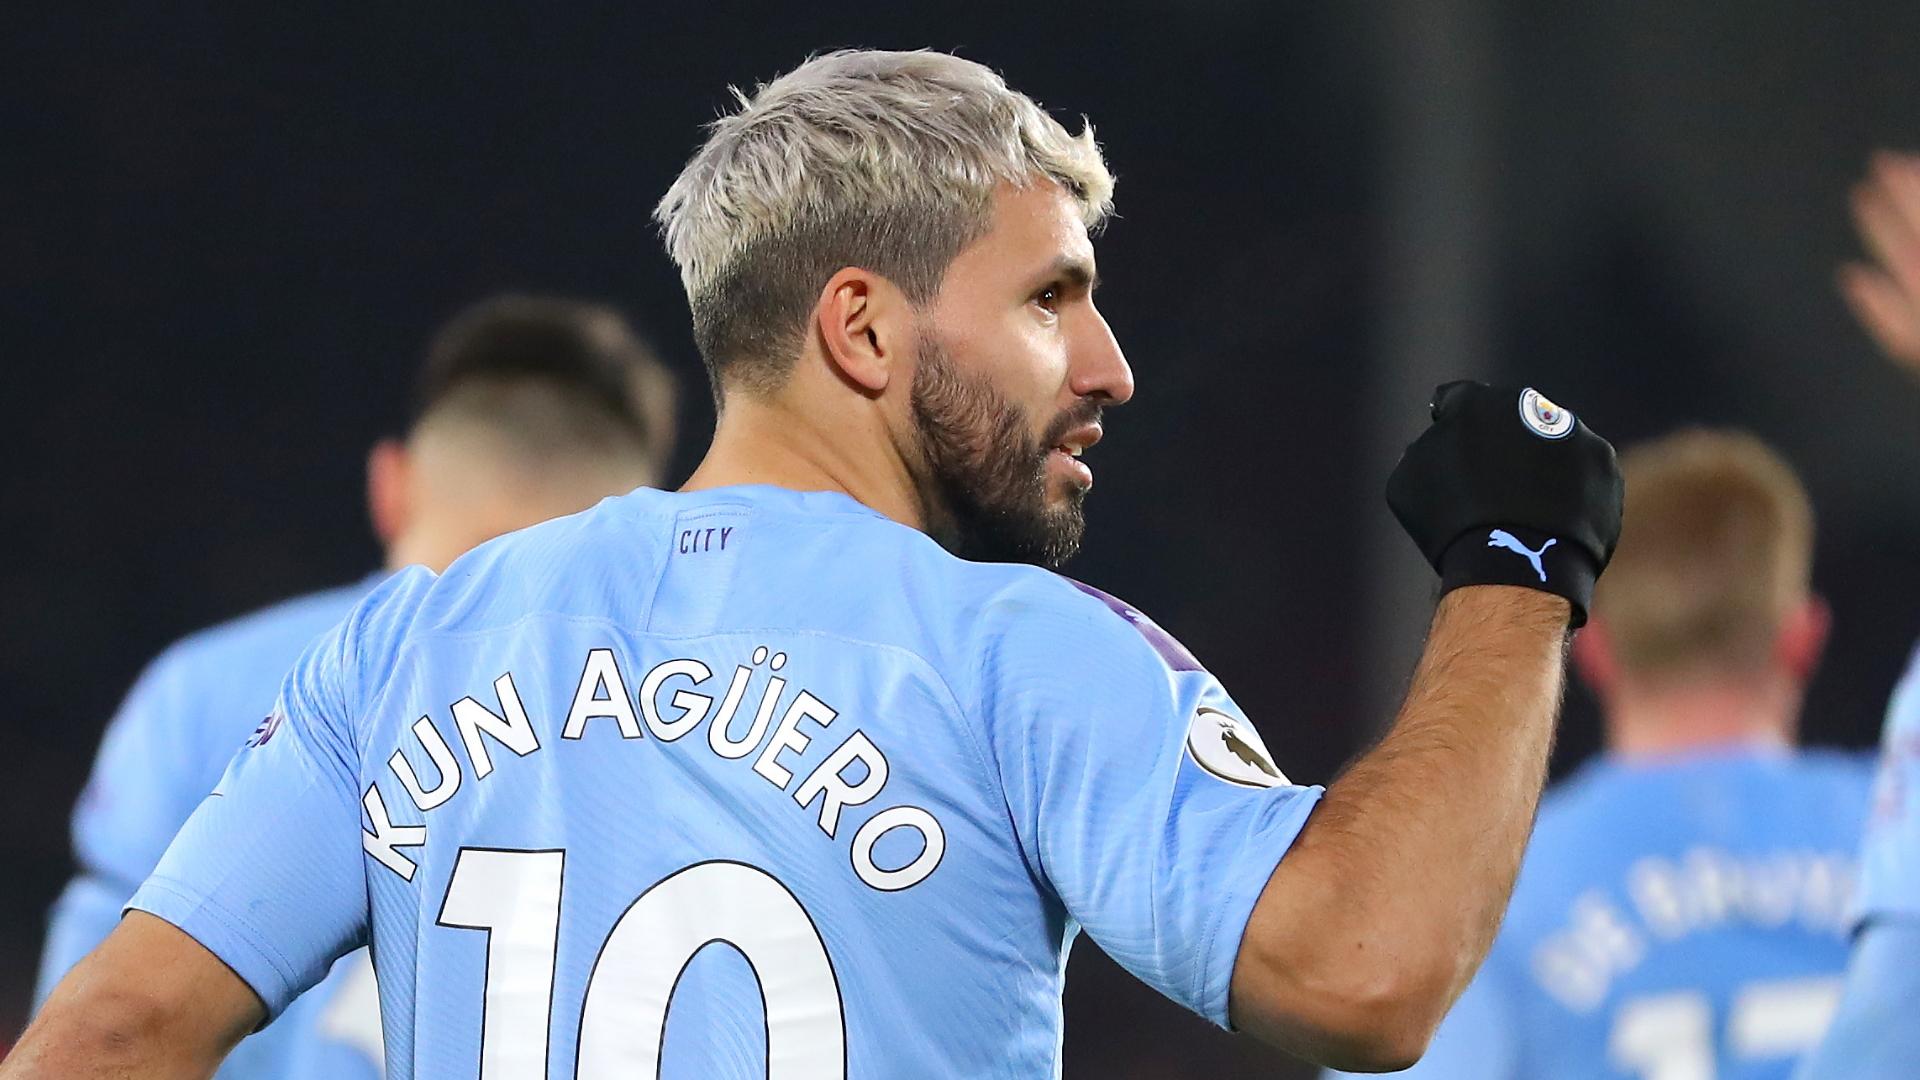 Por qué el Kun Agüero tiene un apellido diferente al de su papá y sus  hermanos? | Goal.com